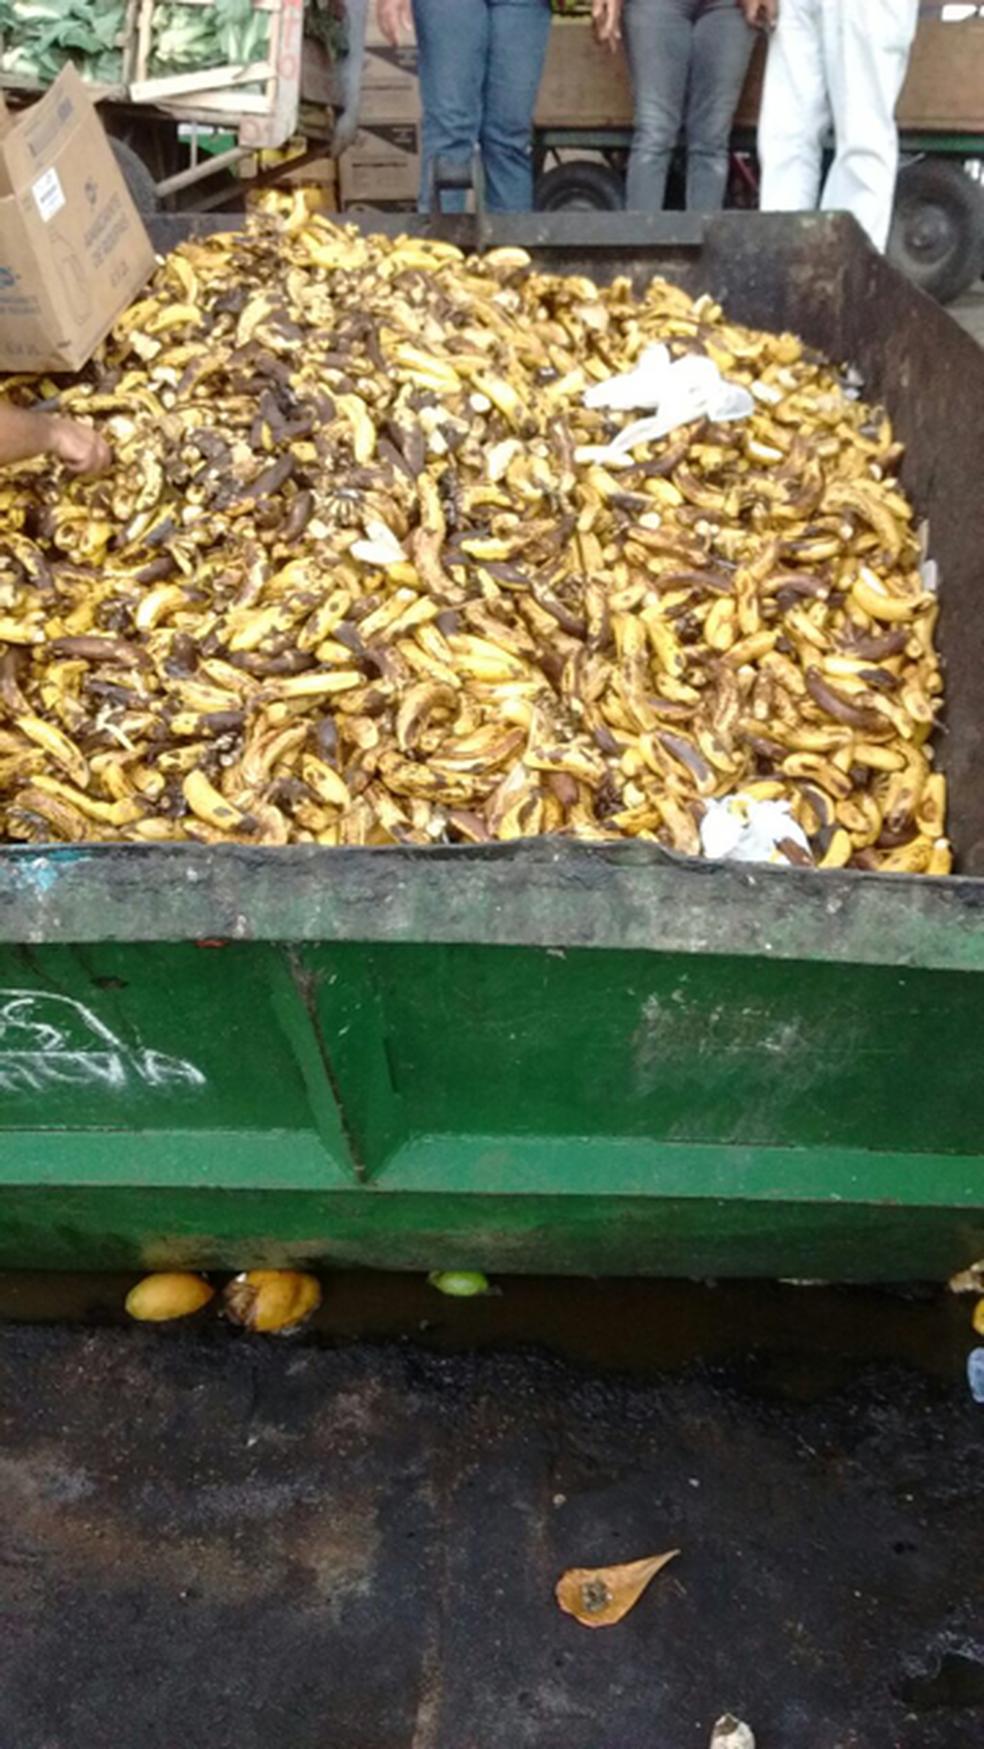 Desperdício de alimentos no Ceasa (Foto: Amelia Gonzalez/G1)